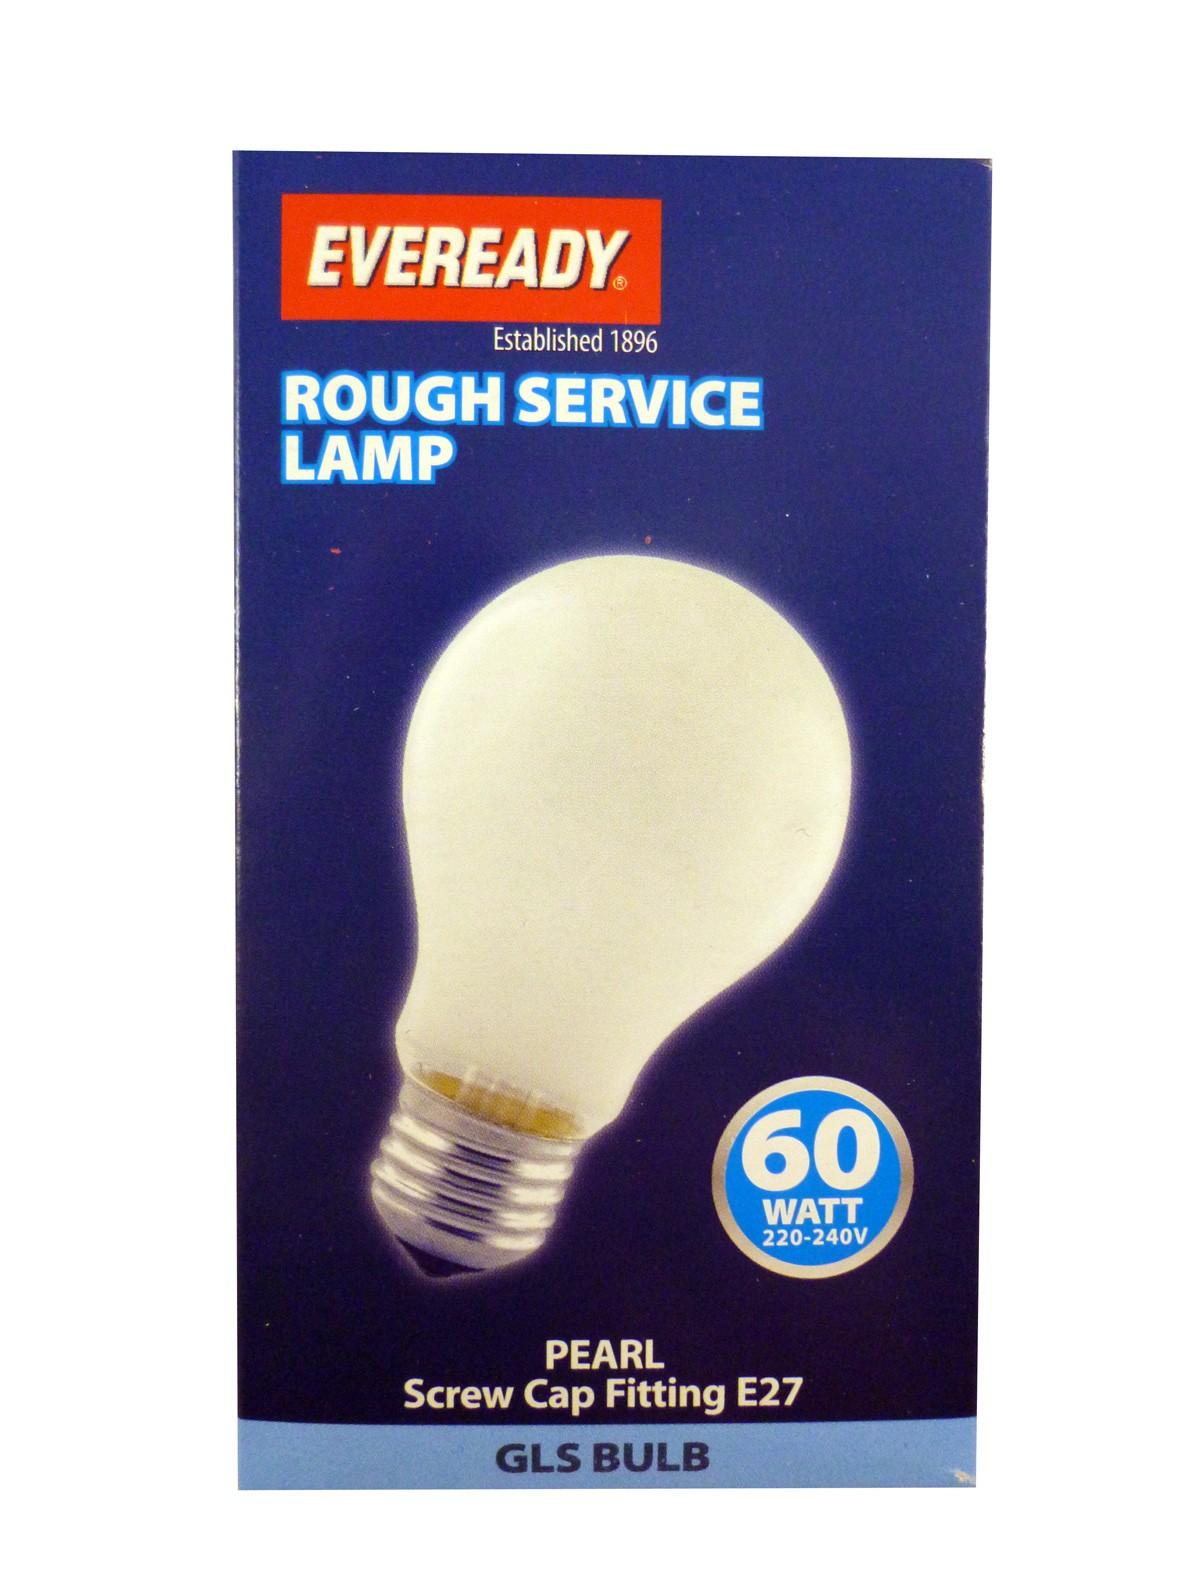 Standard screw cap 60 watt bulb Pack of 10